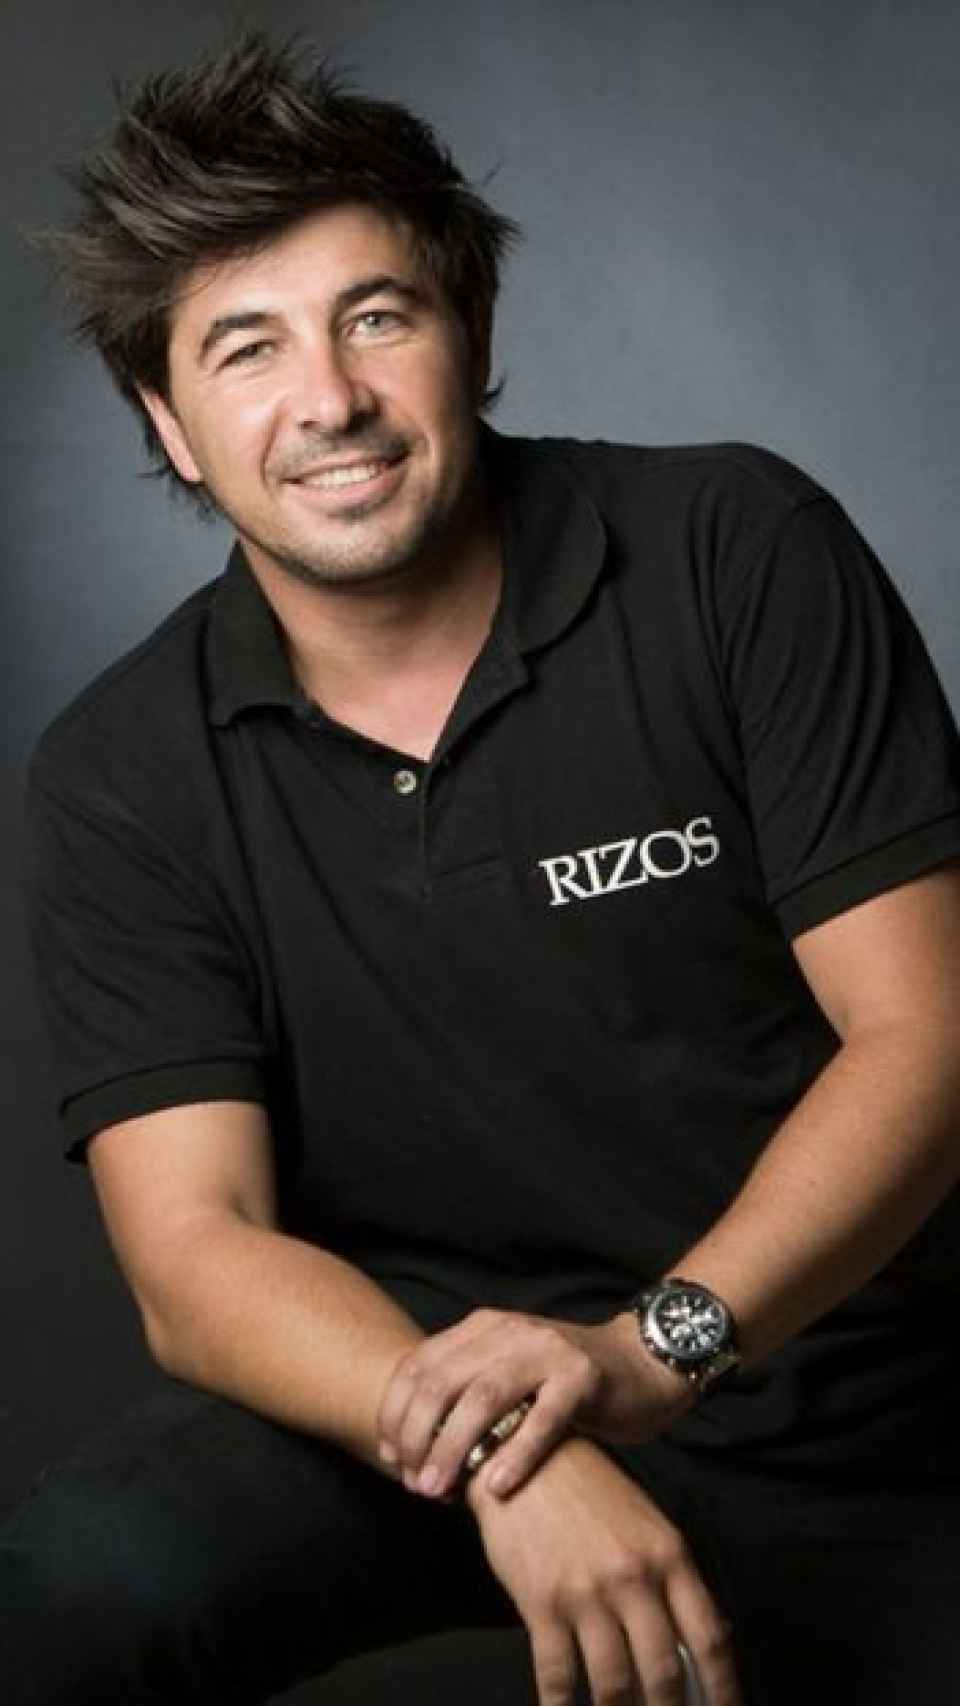 Jairo Alonso en 2012, en su etapa como peluquero de Rizo's.